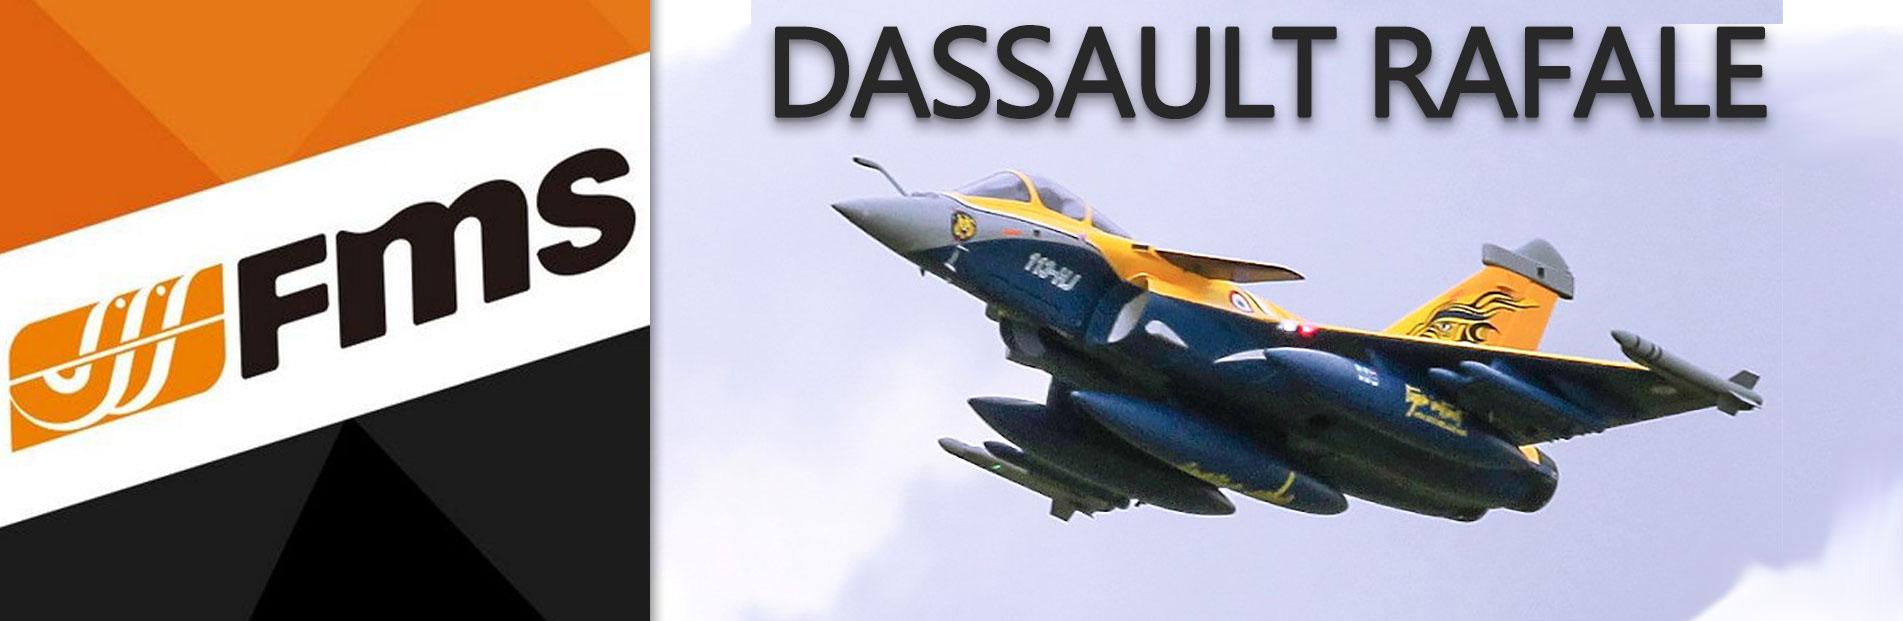 dassault rafale banner